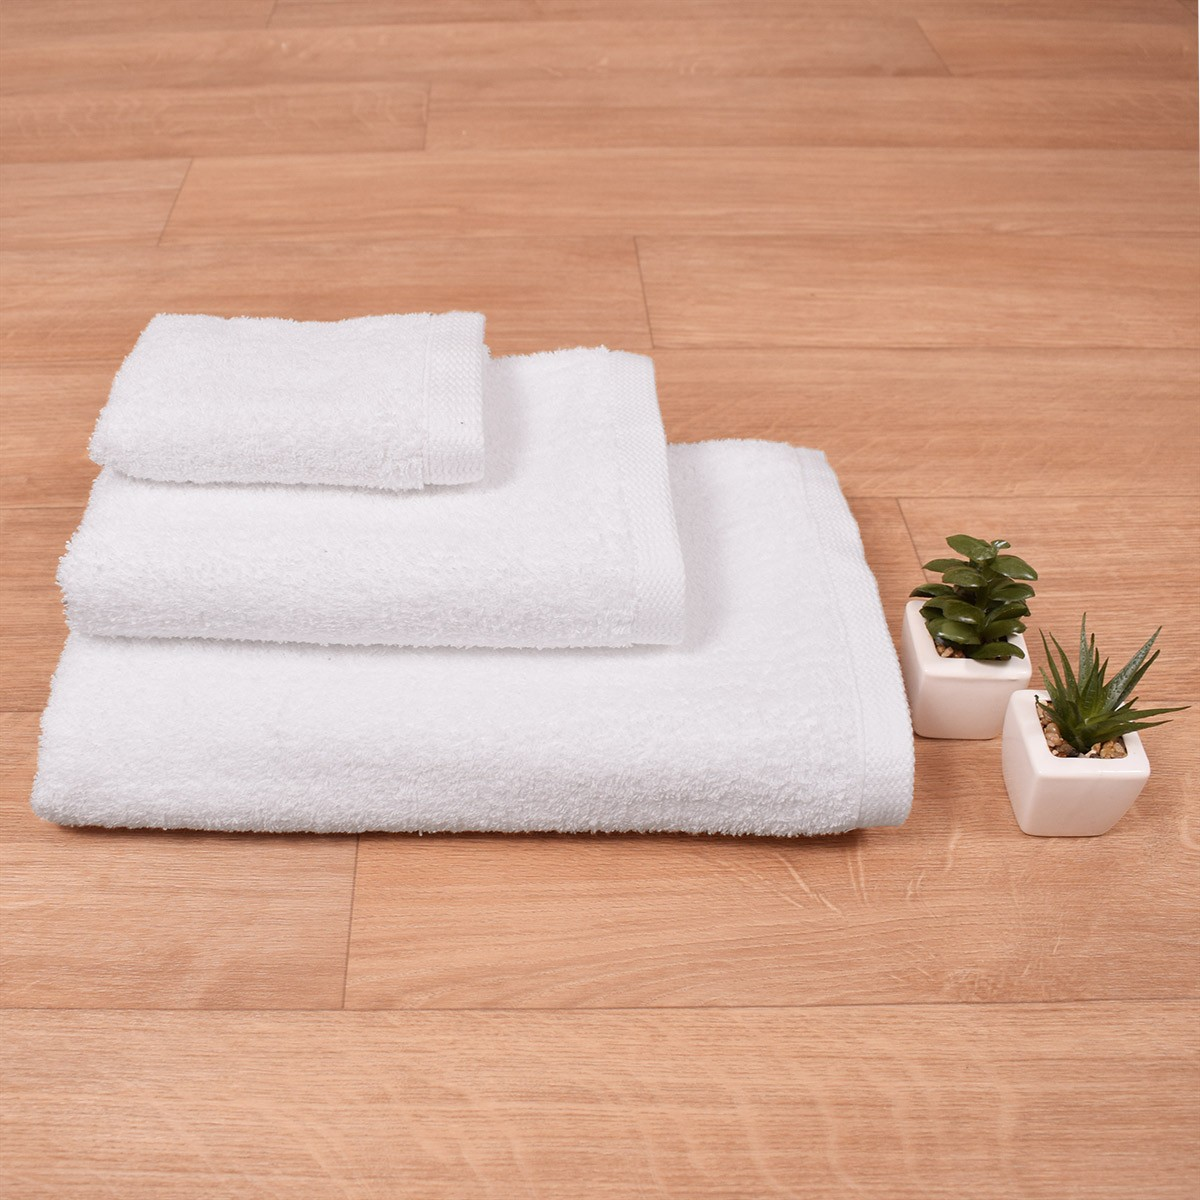 Πετσέτα Σώματος Λευκή (70x140) Nara 420gr/m2 home   επαγγελματικός εξοπλισμός   ξενοδοχειακός εξοπλισμός   πετσέτες ξενοδοχεί